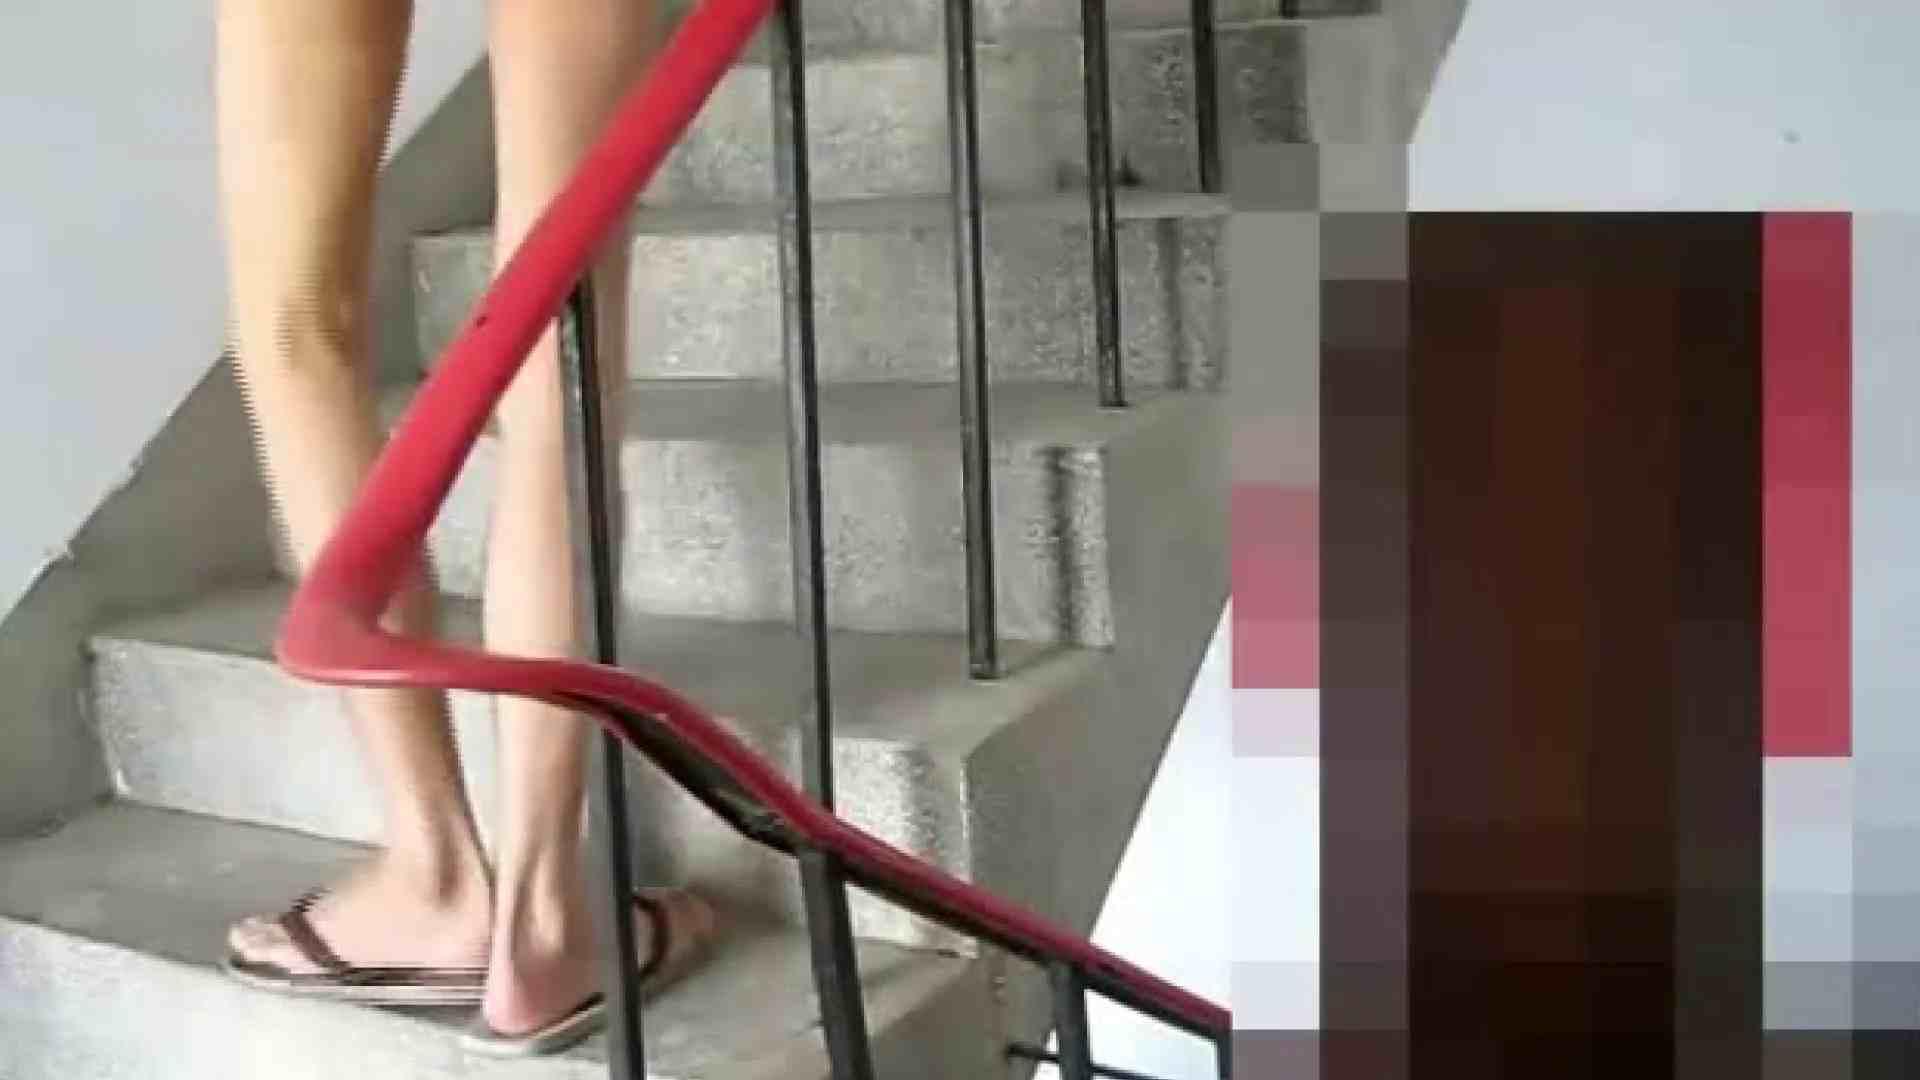 階段オナニー 野外露出動画 ゲイ素人エロ画像 79pic 72